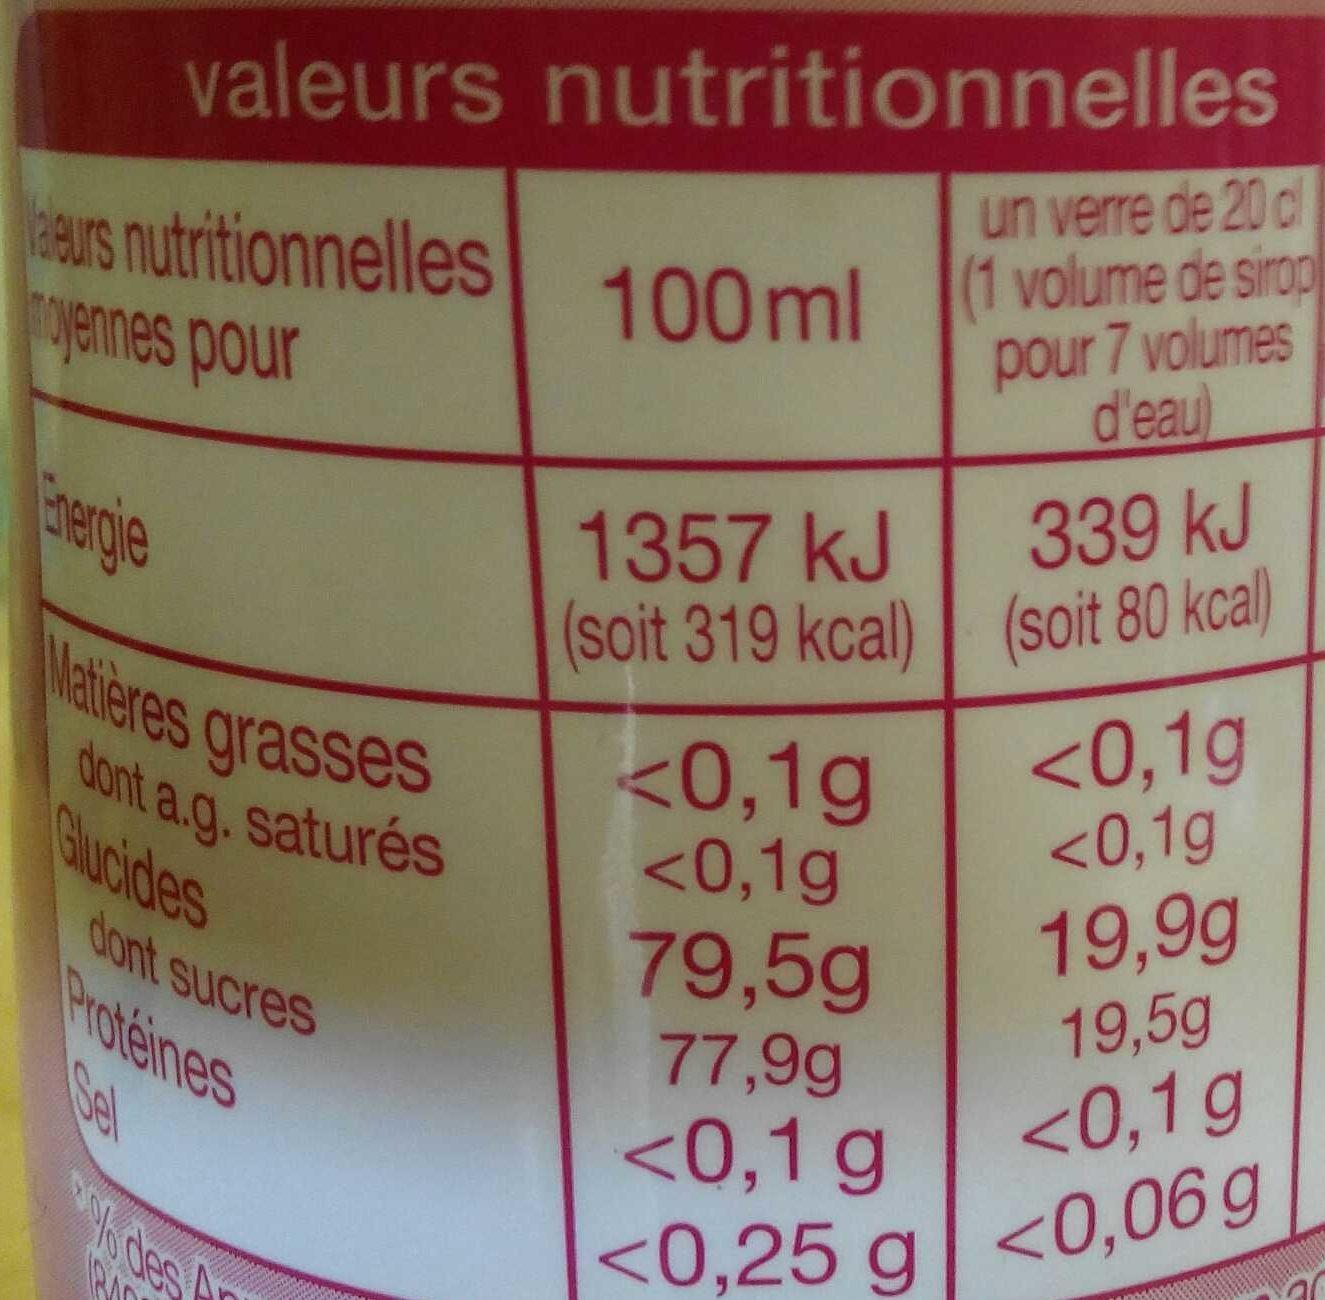 Sirop de fraise banane - Nutrition facts - fr